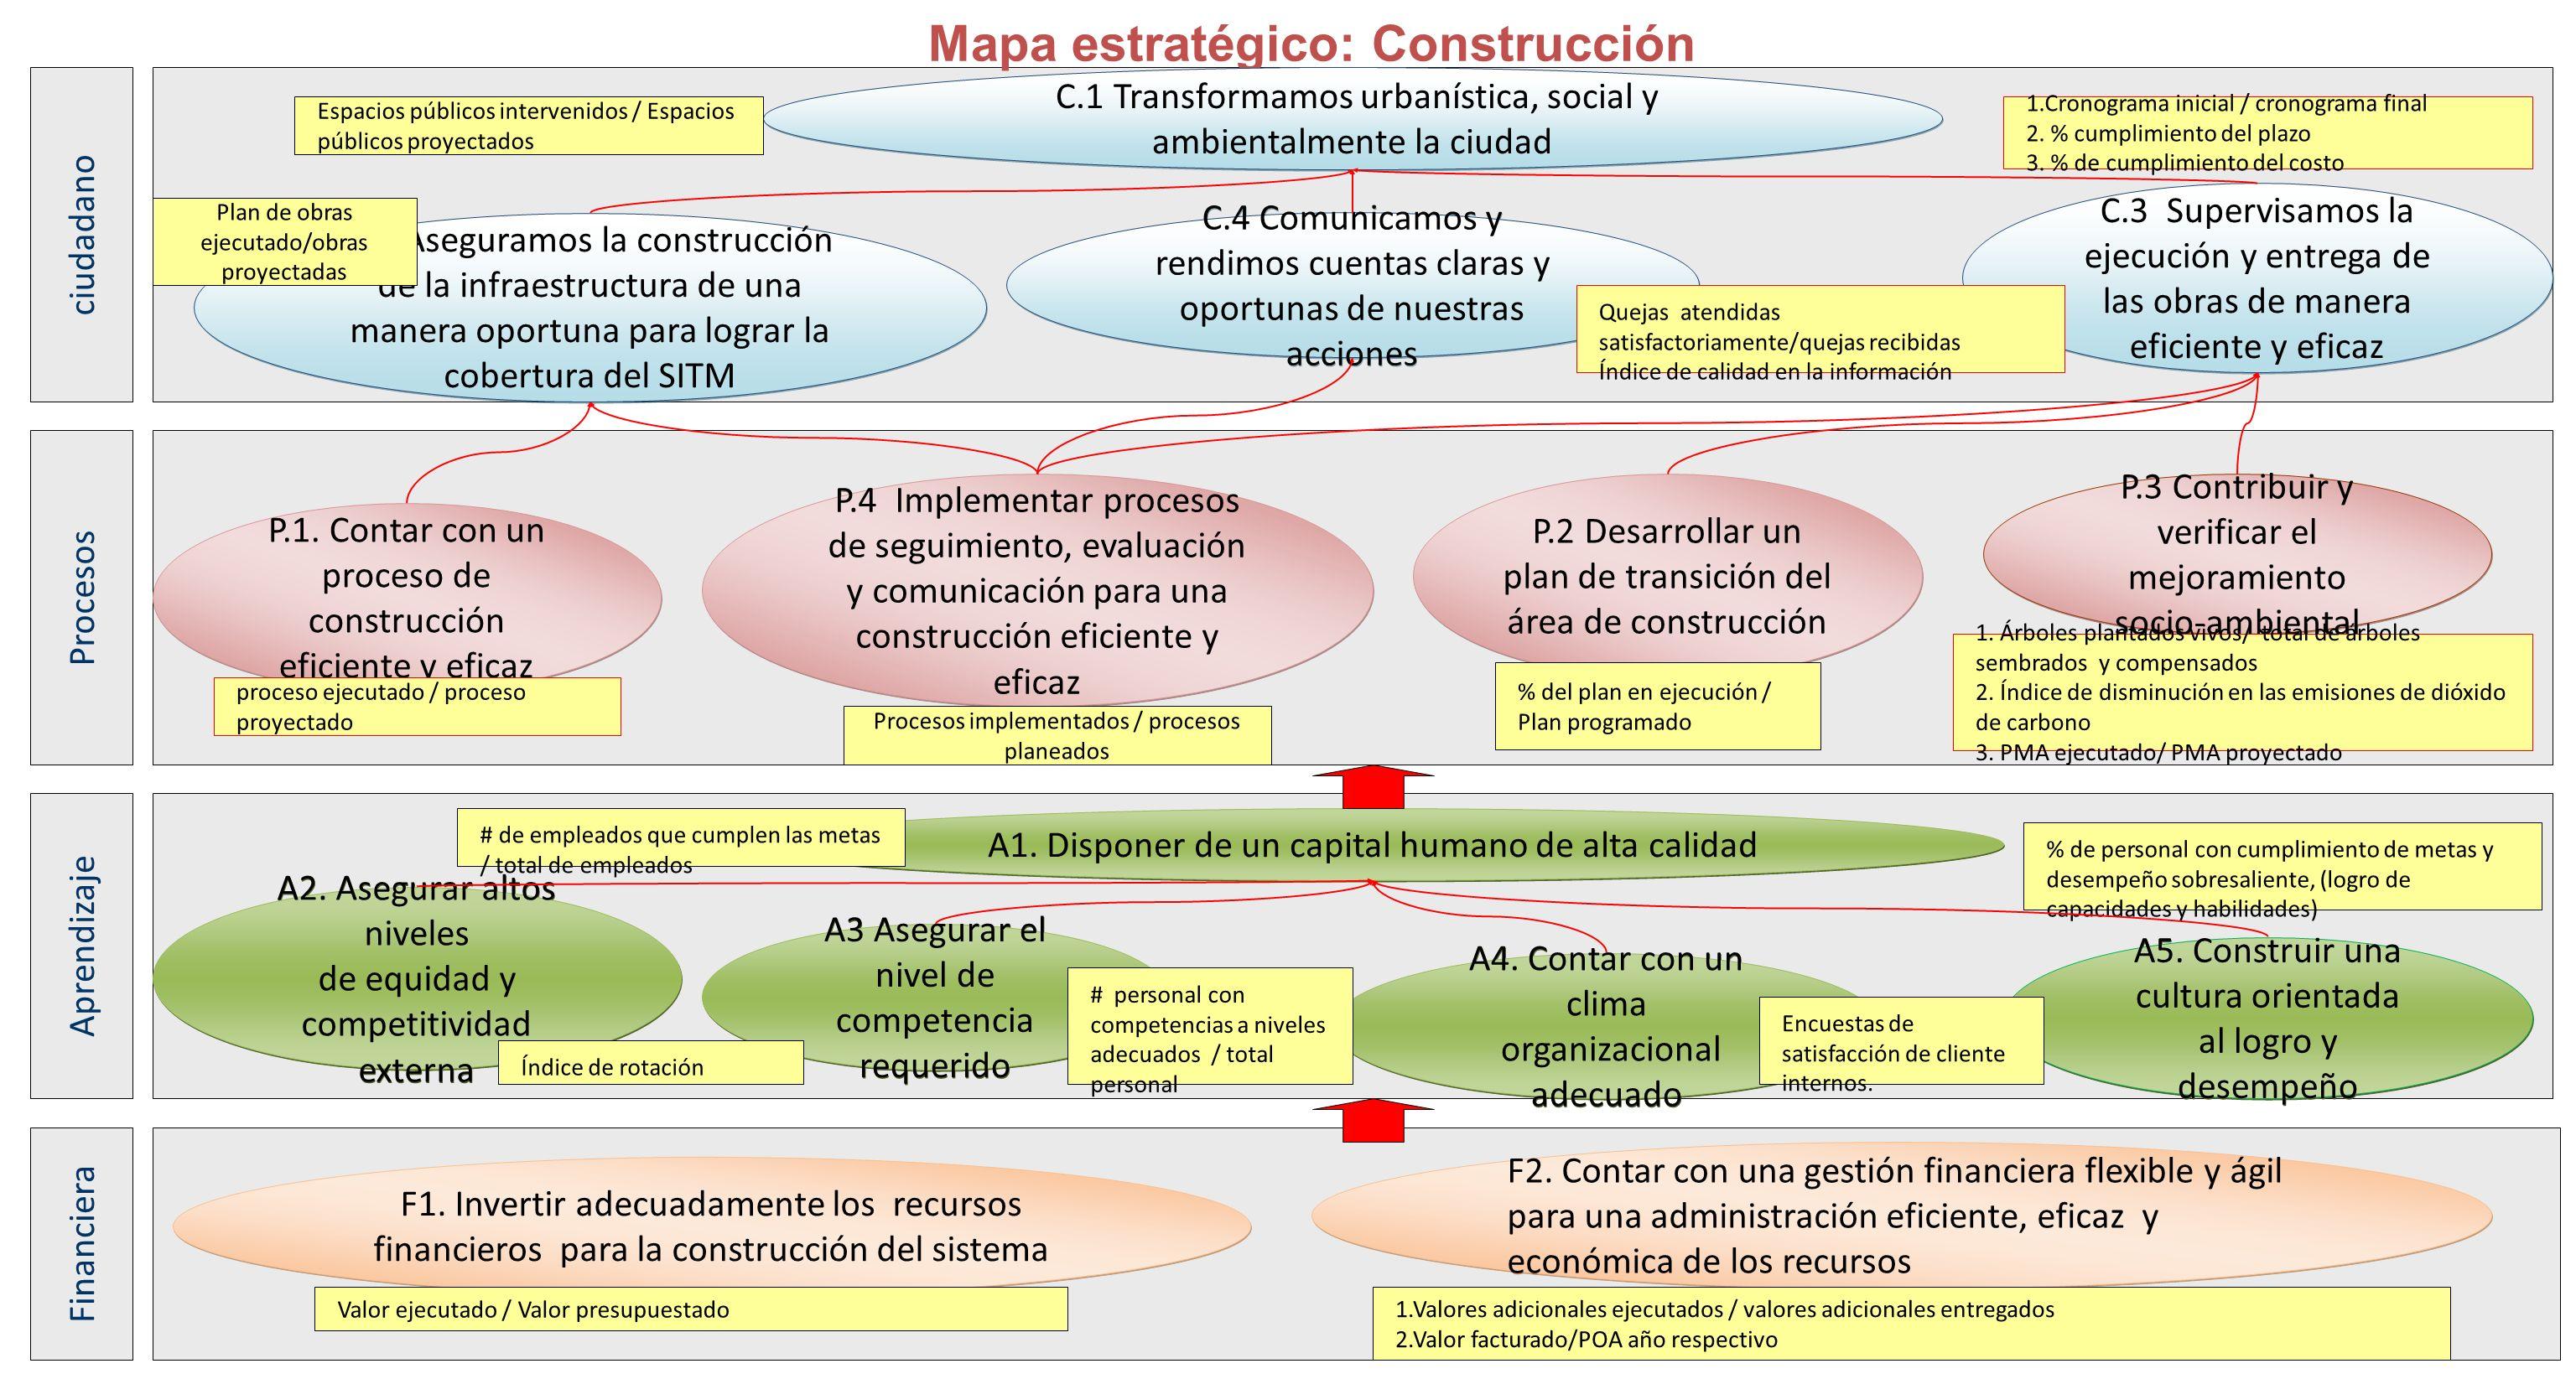 MACROPROCESO DE DESARROLLO SOCIAL DESARROLLO SOCIAL SERVICIO EDUCATIVO SERVICIO DE VIVIENDA SOCIAL SERVICIO DE SALUD PÚBLICA SERVICIO DE DEPORTE Y RECREACIÓN SERVICIOS CULTURALES Y TURÍSTICOS SERVICIOS PÚBLICOS DOMICILIARIOS Oferta de vivienda Mejoramiento de vivienda Objetivo: Garantizar a la comunidad el acceso a los bienes y servicios sociales consagrados en la Constitución Nacional, para contribuir al bienestar y al desarrollo integral de la población del Municipio de Santiago de Cali.